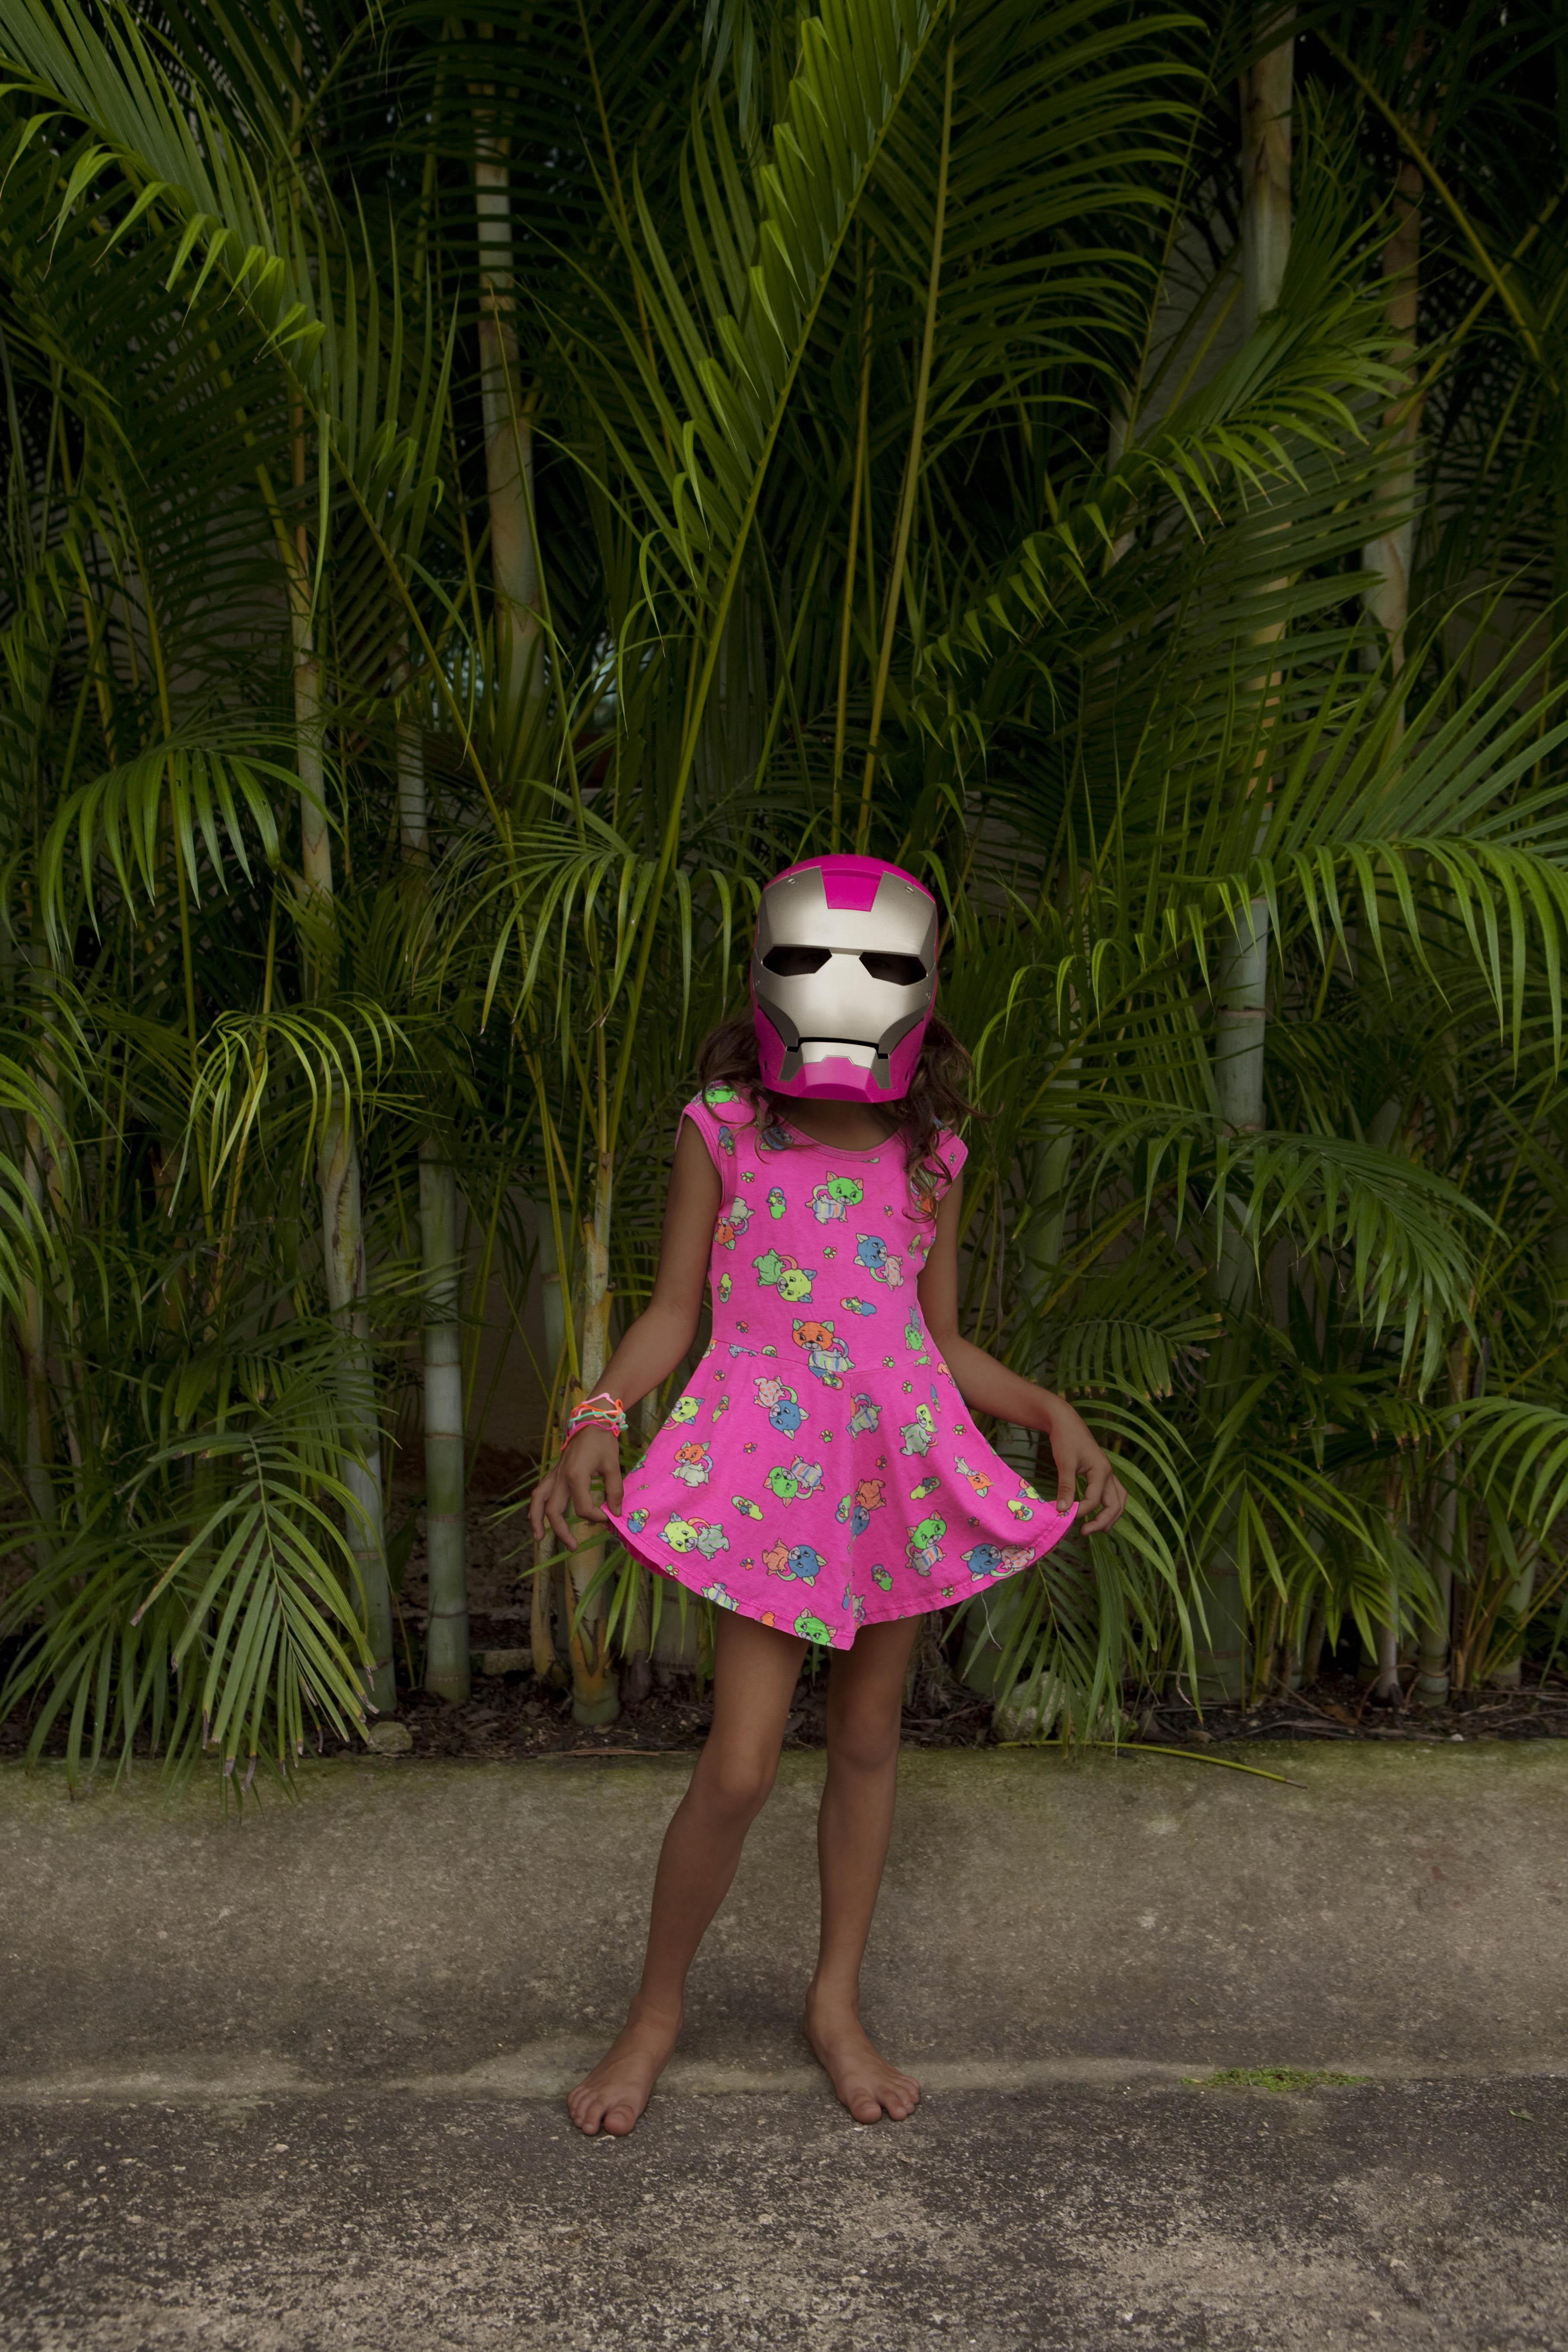 fotografia zserii Tropical Iron (Mini), 2011,